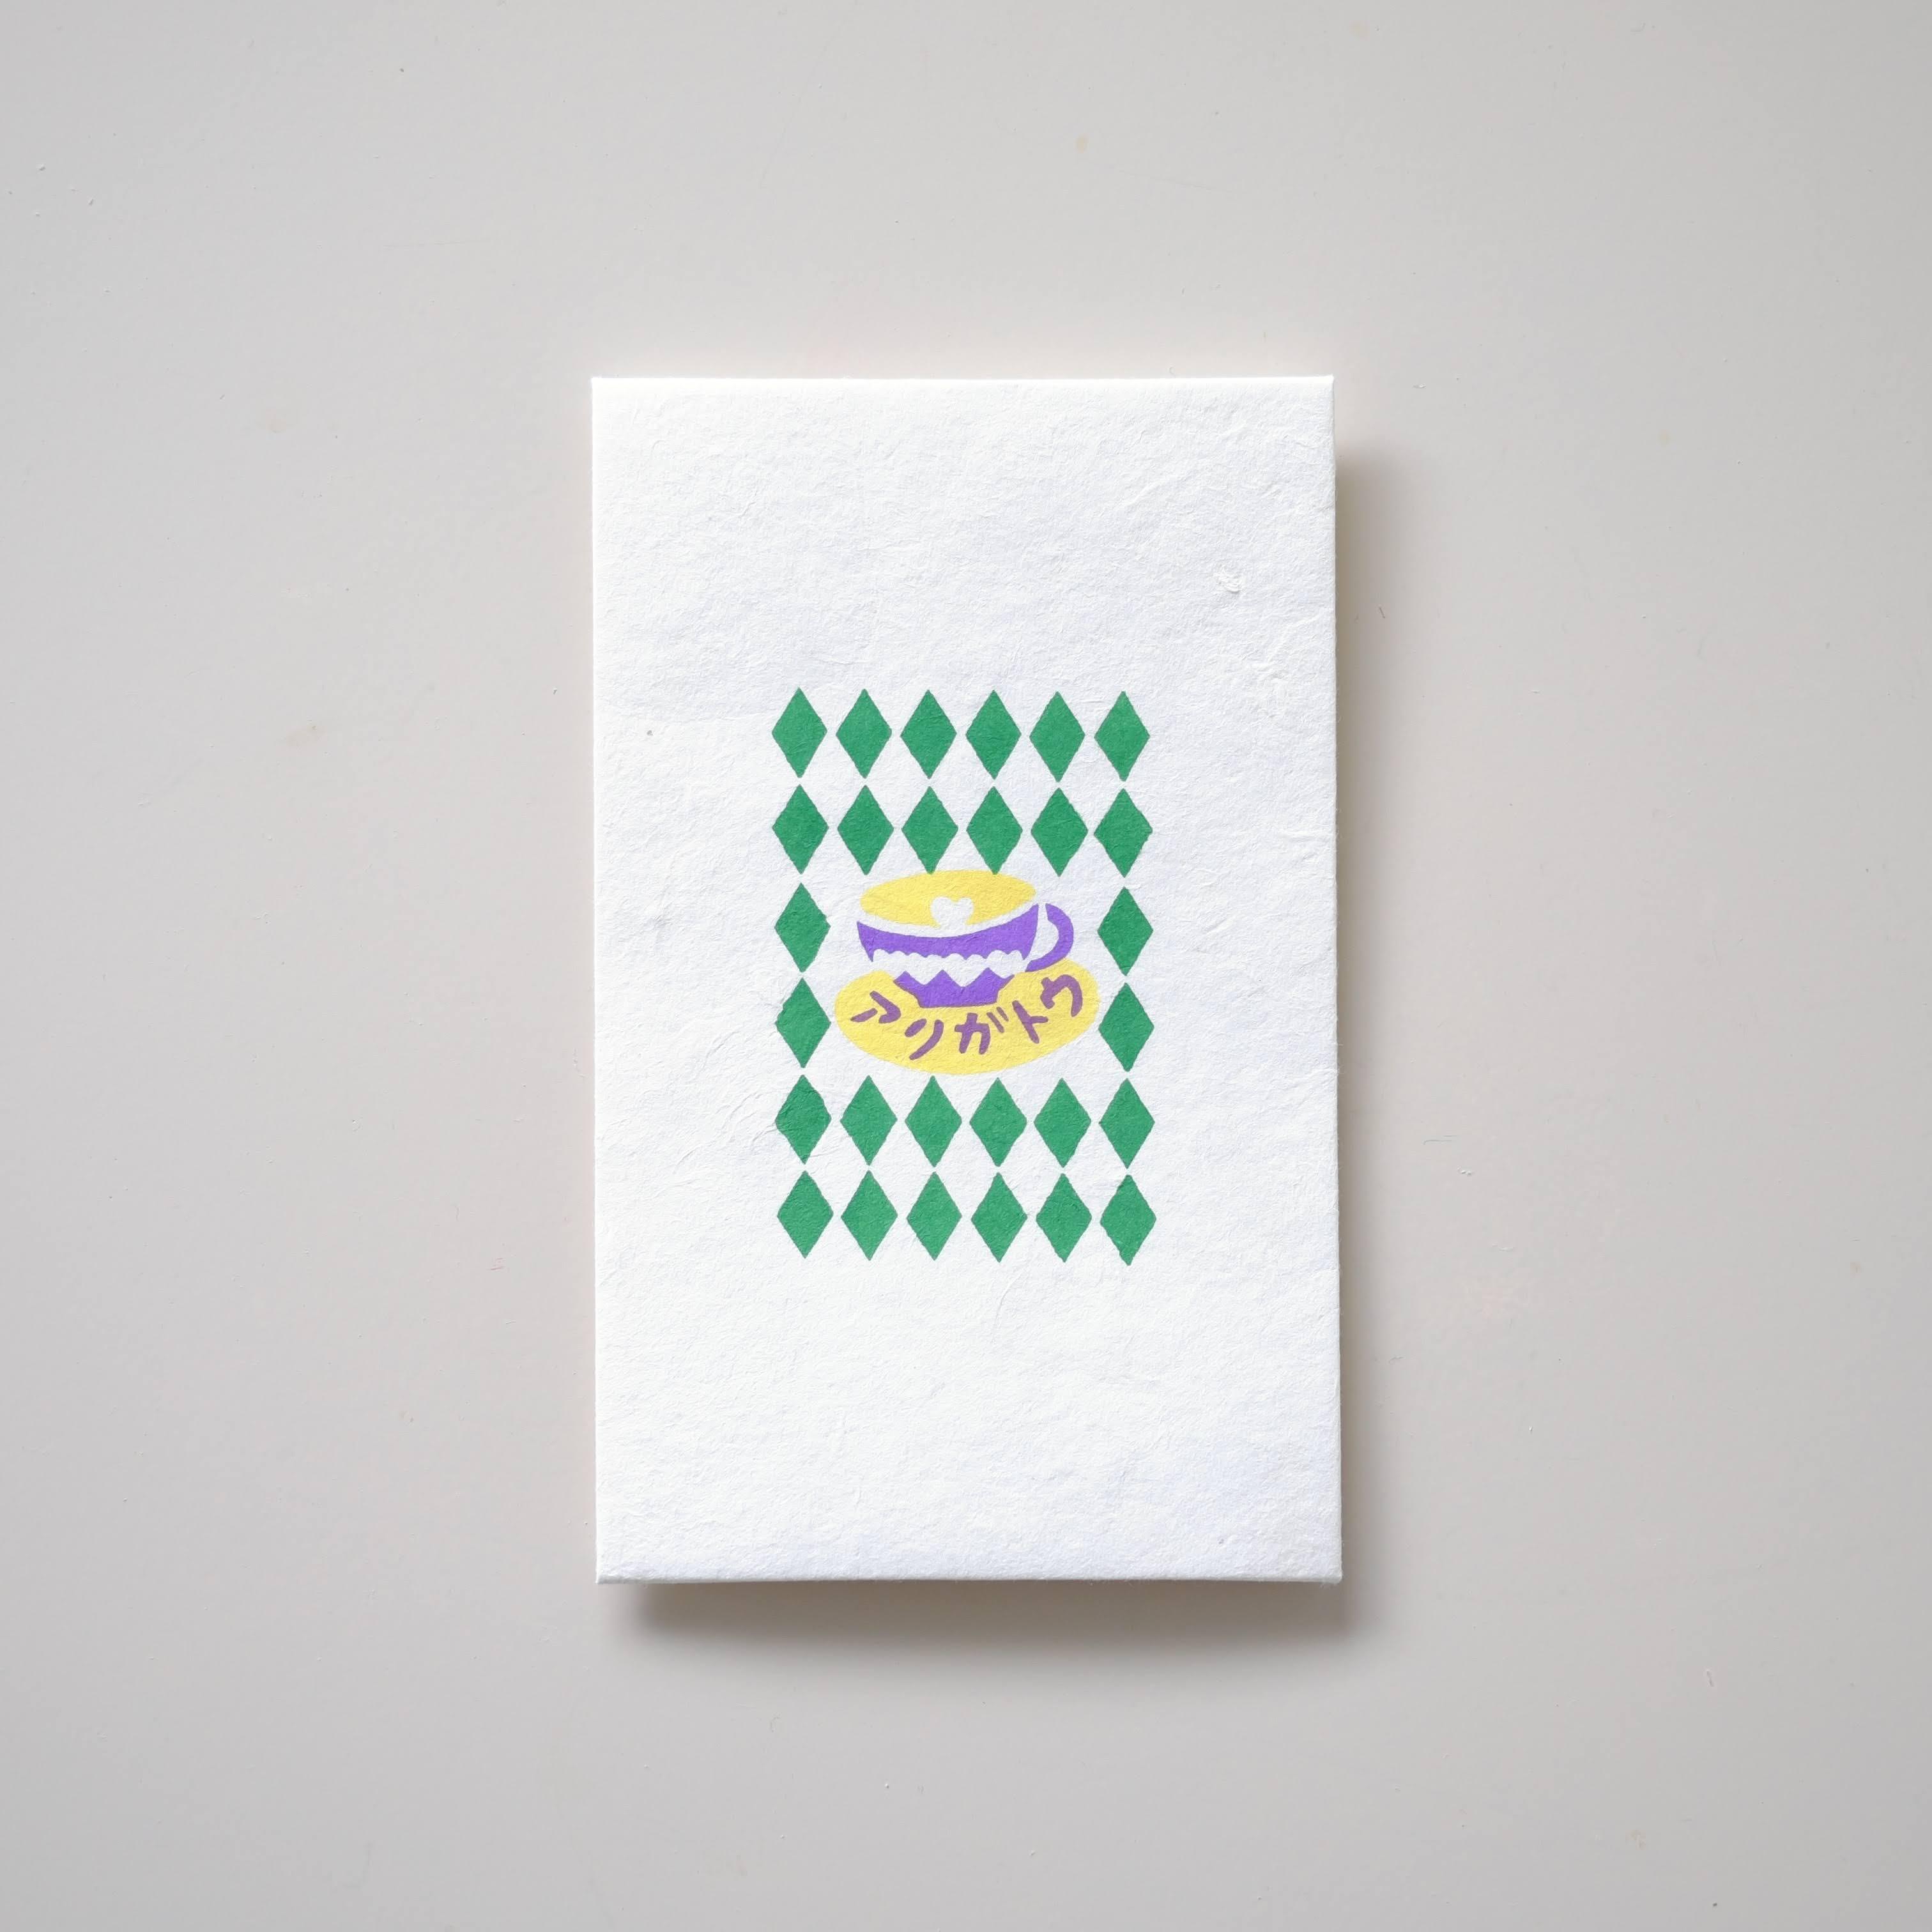 ドリップコーヒーギフトパック「ありがとう」シリーズ